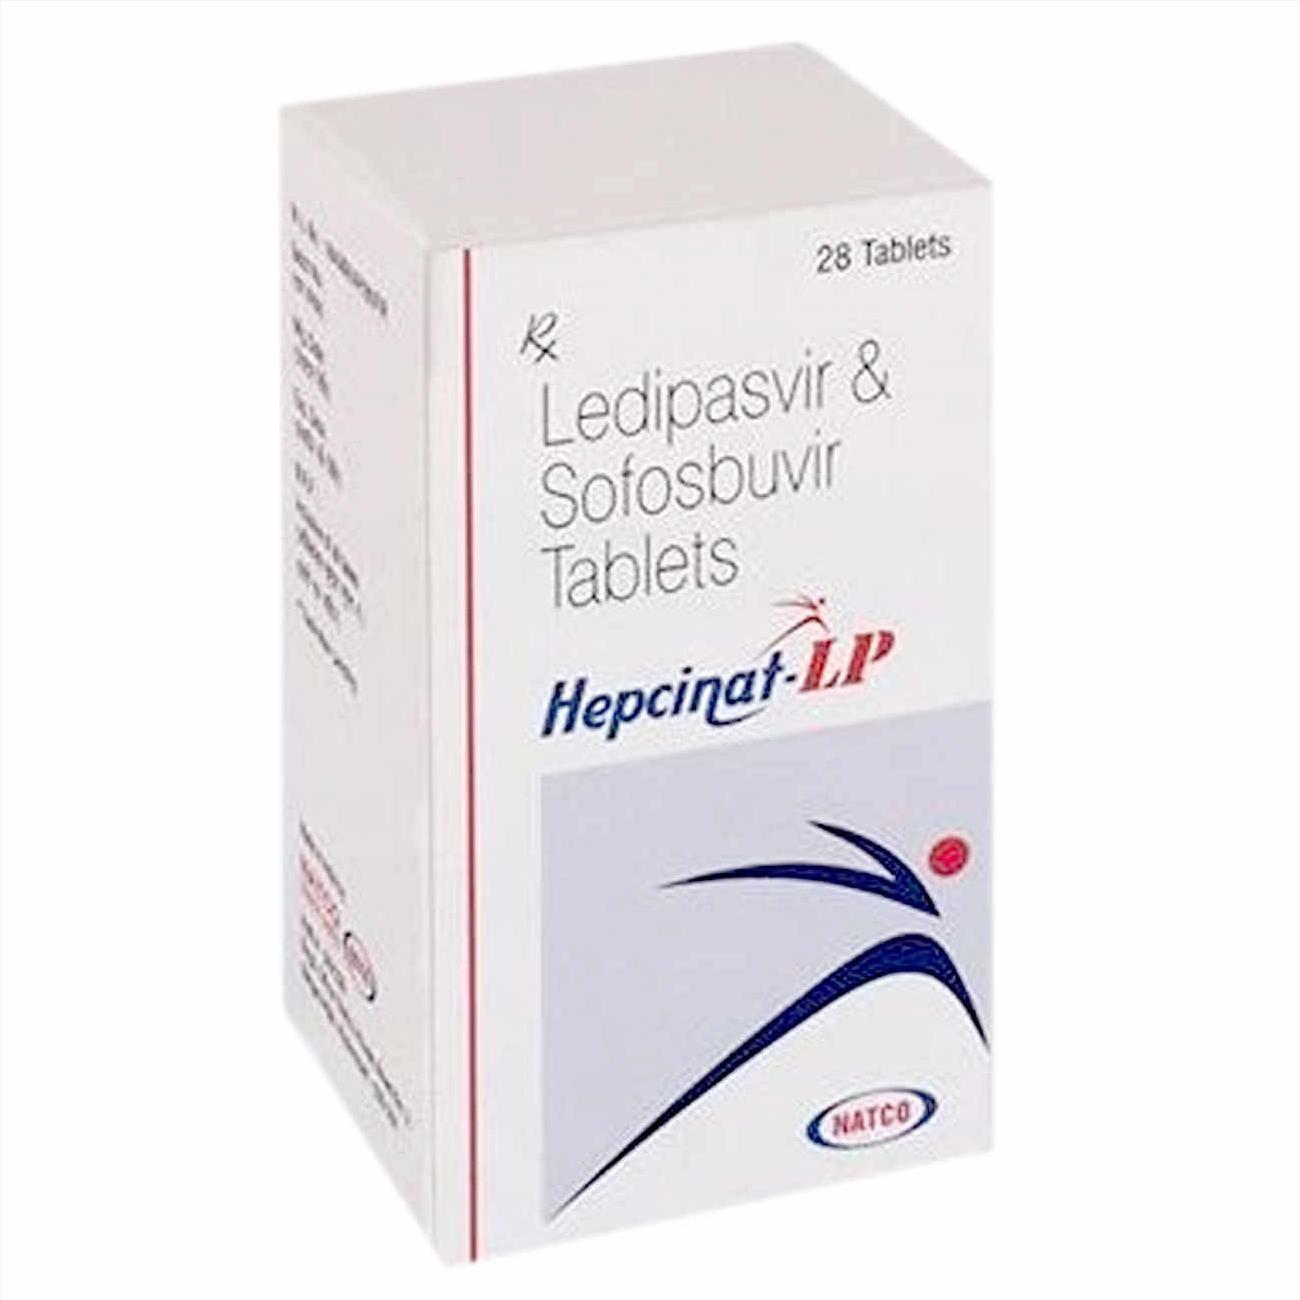 Thuốc Hepcinat mua ở đâu, thuốc Hepcinat LP giá bao nhiêu, thuốc Hepcinat xách tay mua ở đâu?